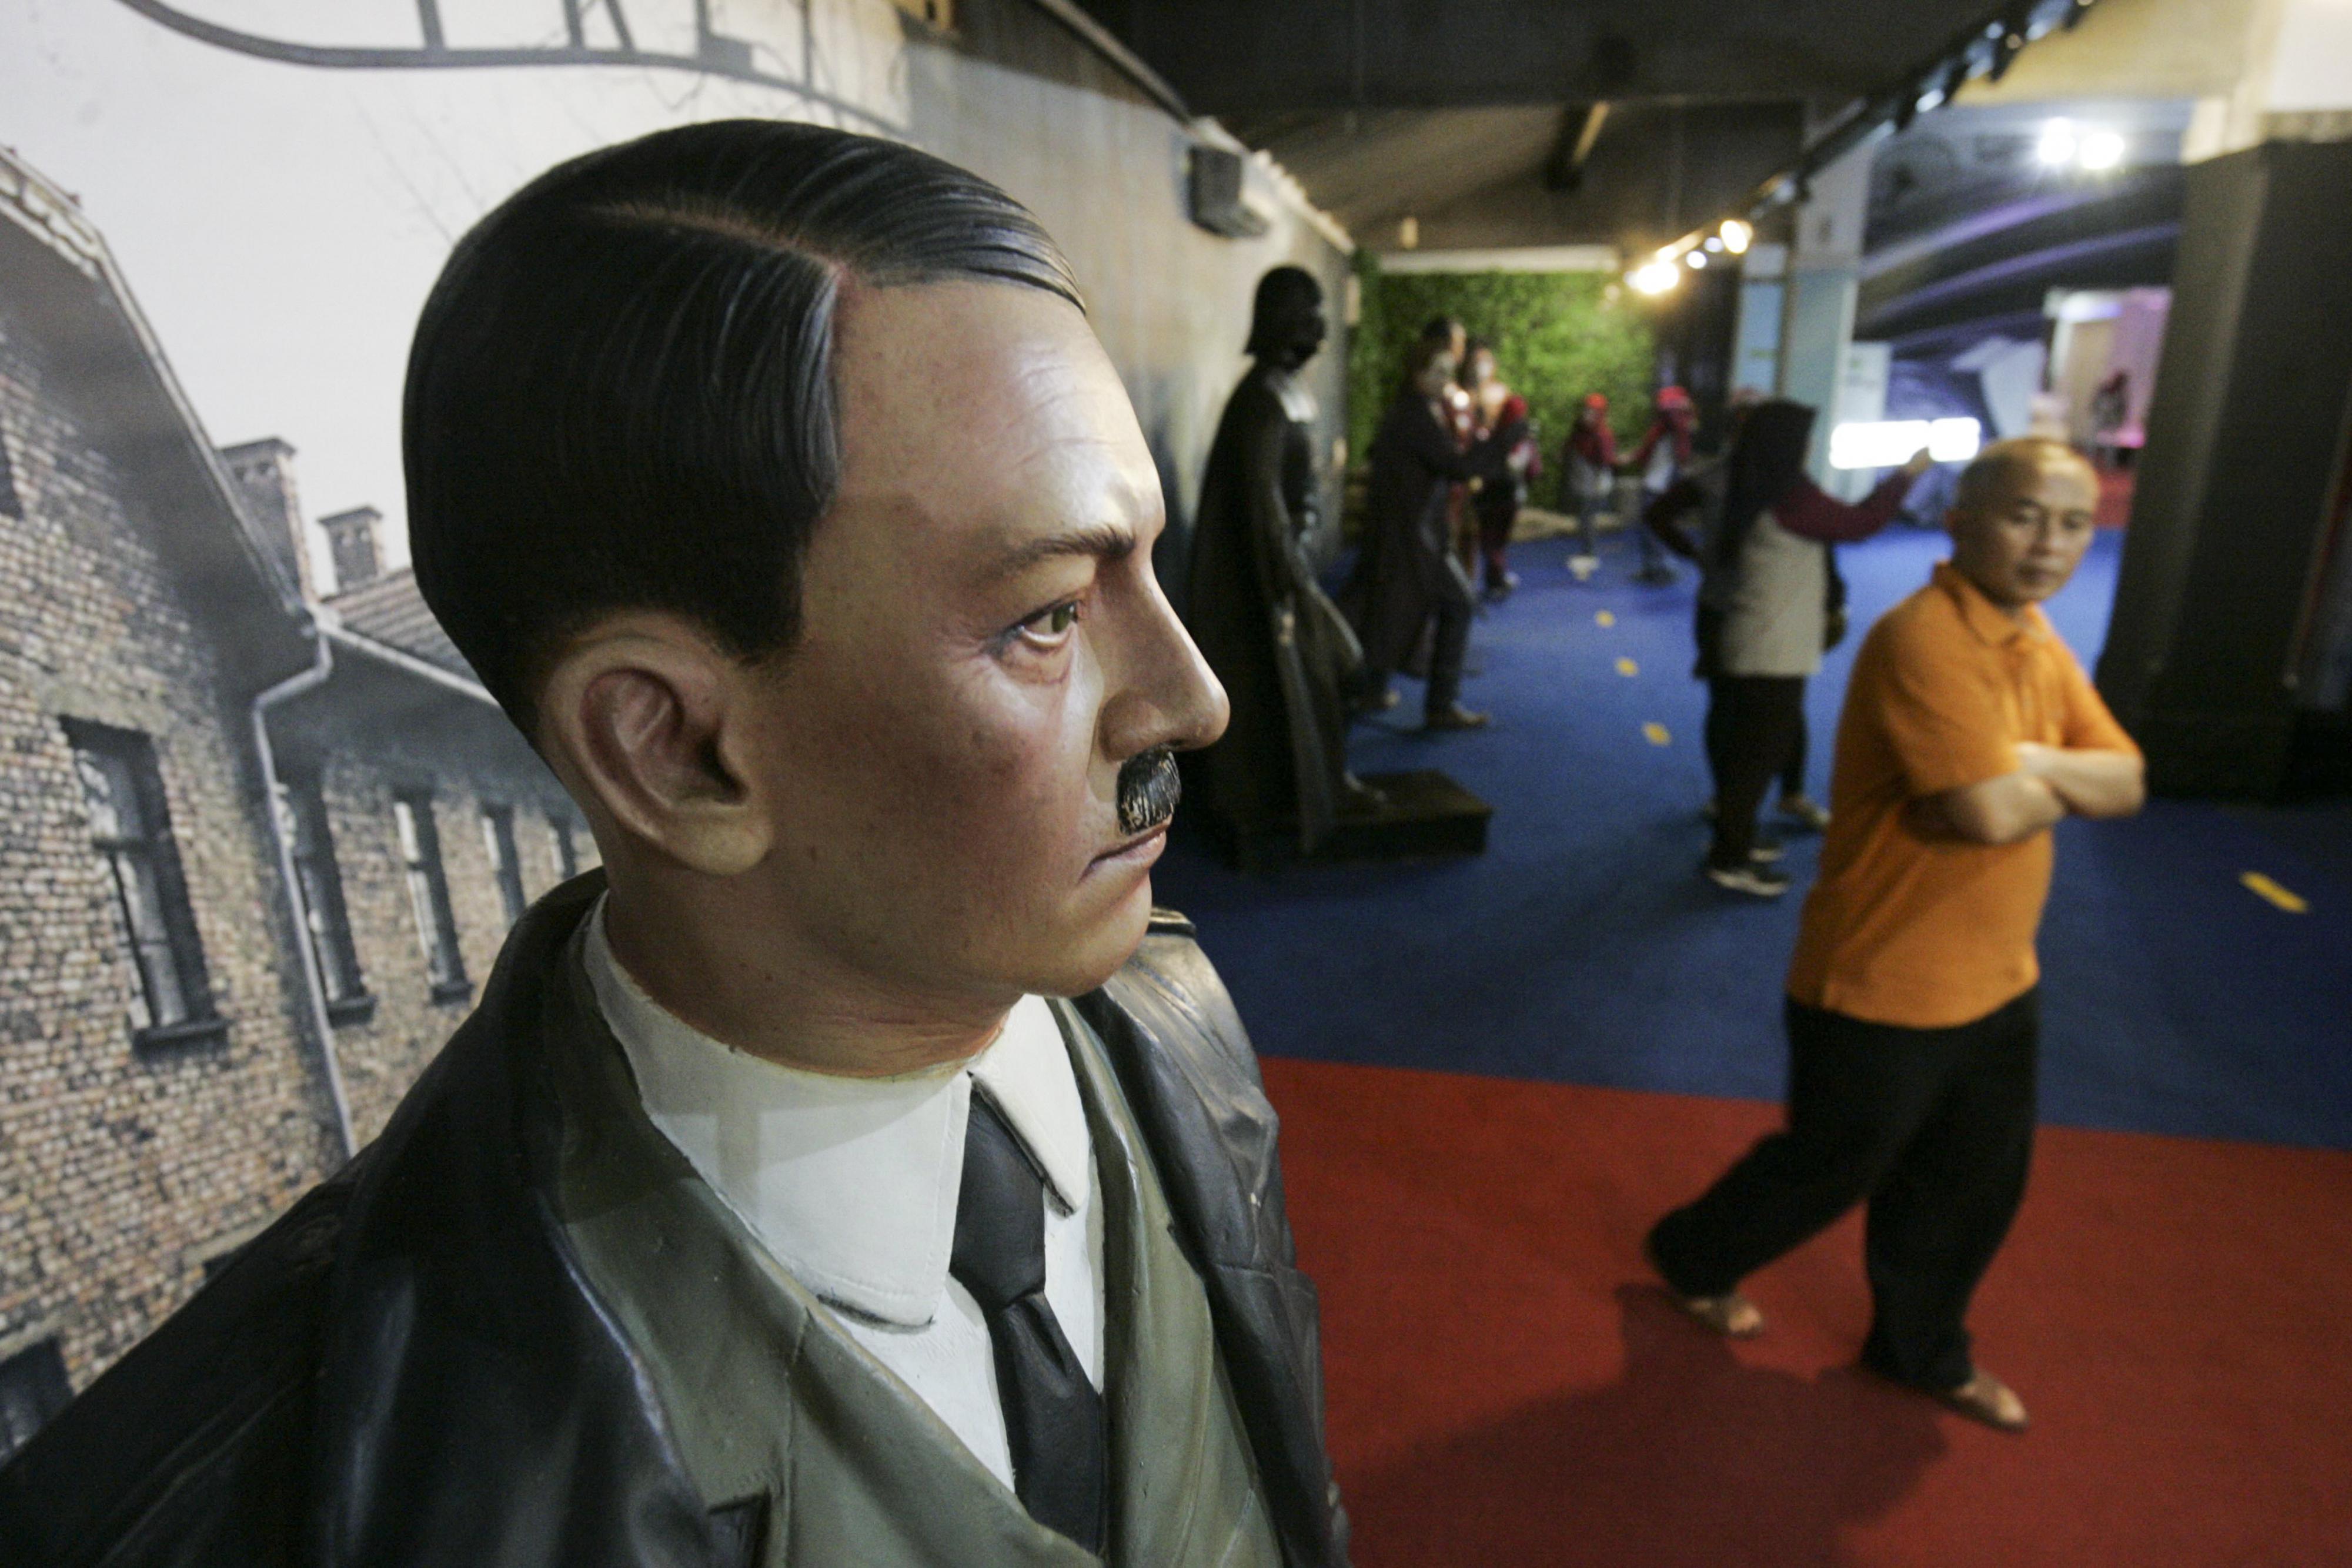 Een bezoeker wandelt langs het wassen beeld van Adolf Hitler. Foto: EPA